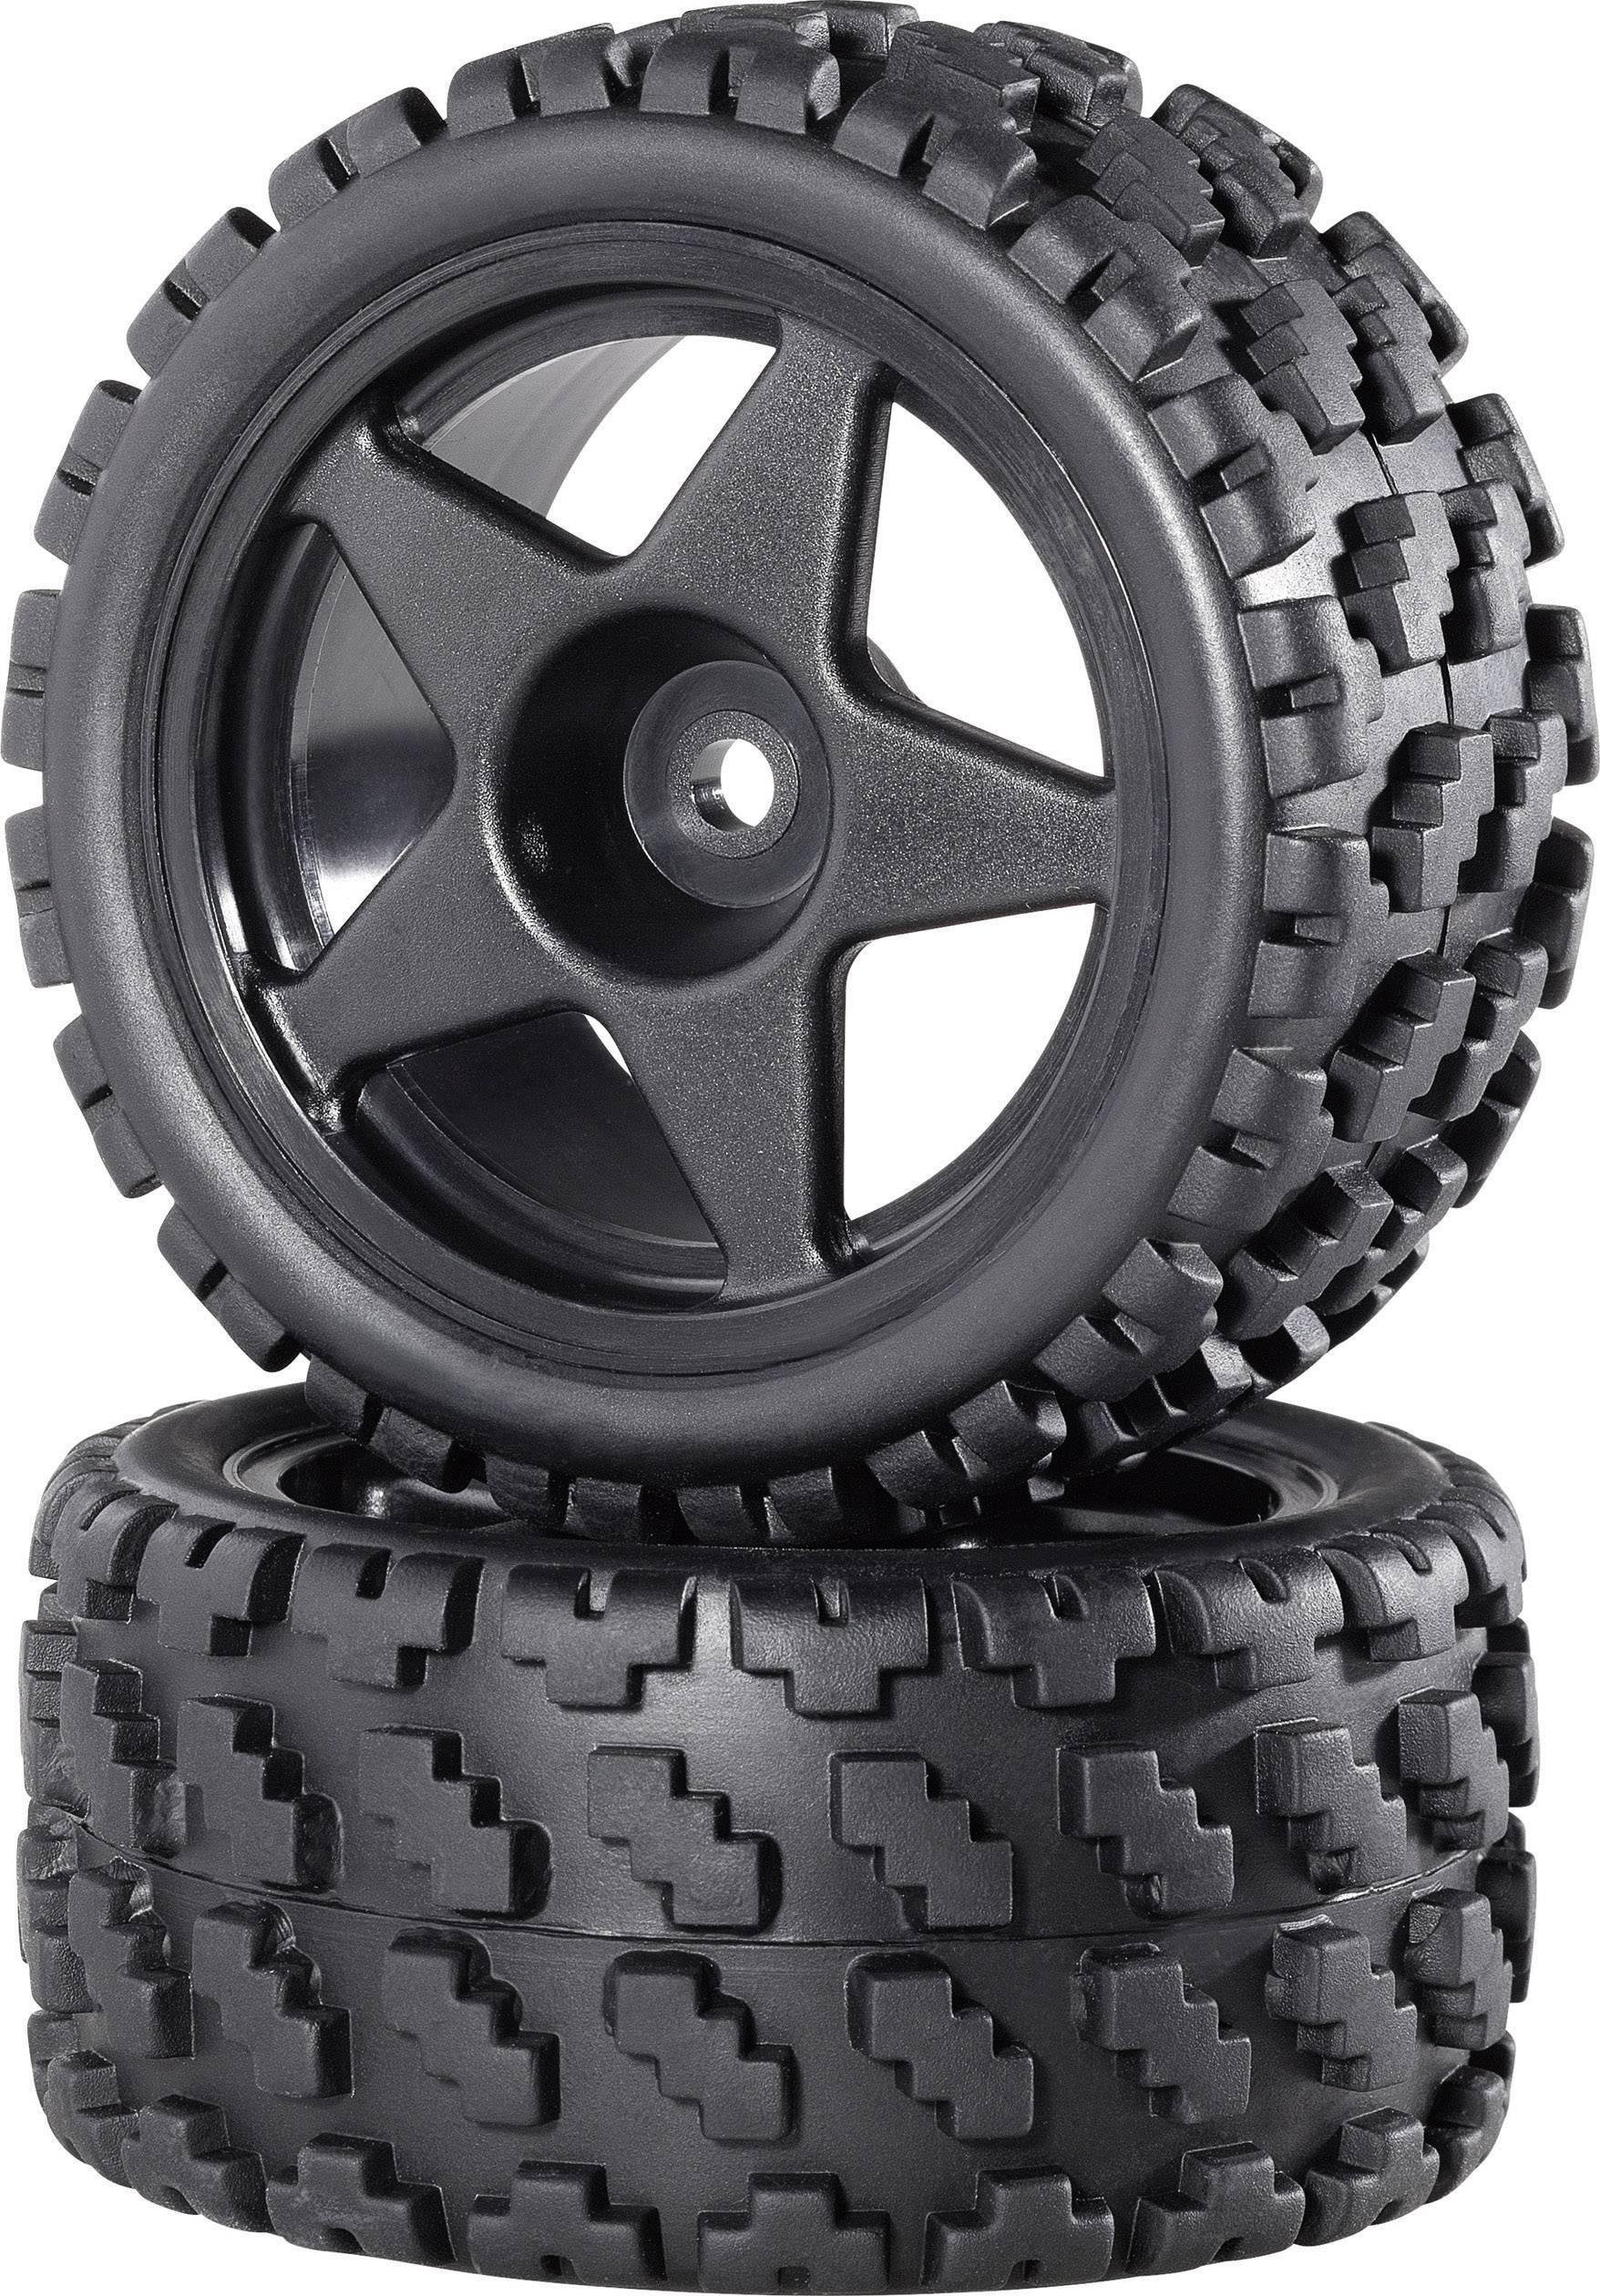 Kompletné kolesá Rally-Block breit Reely CB36901BB1 pre buggy, 80 mm, 1:10, 2 ks, čierna